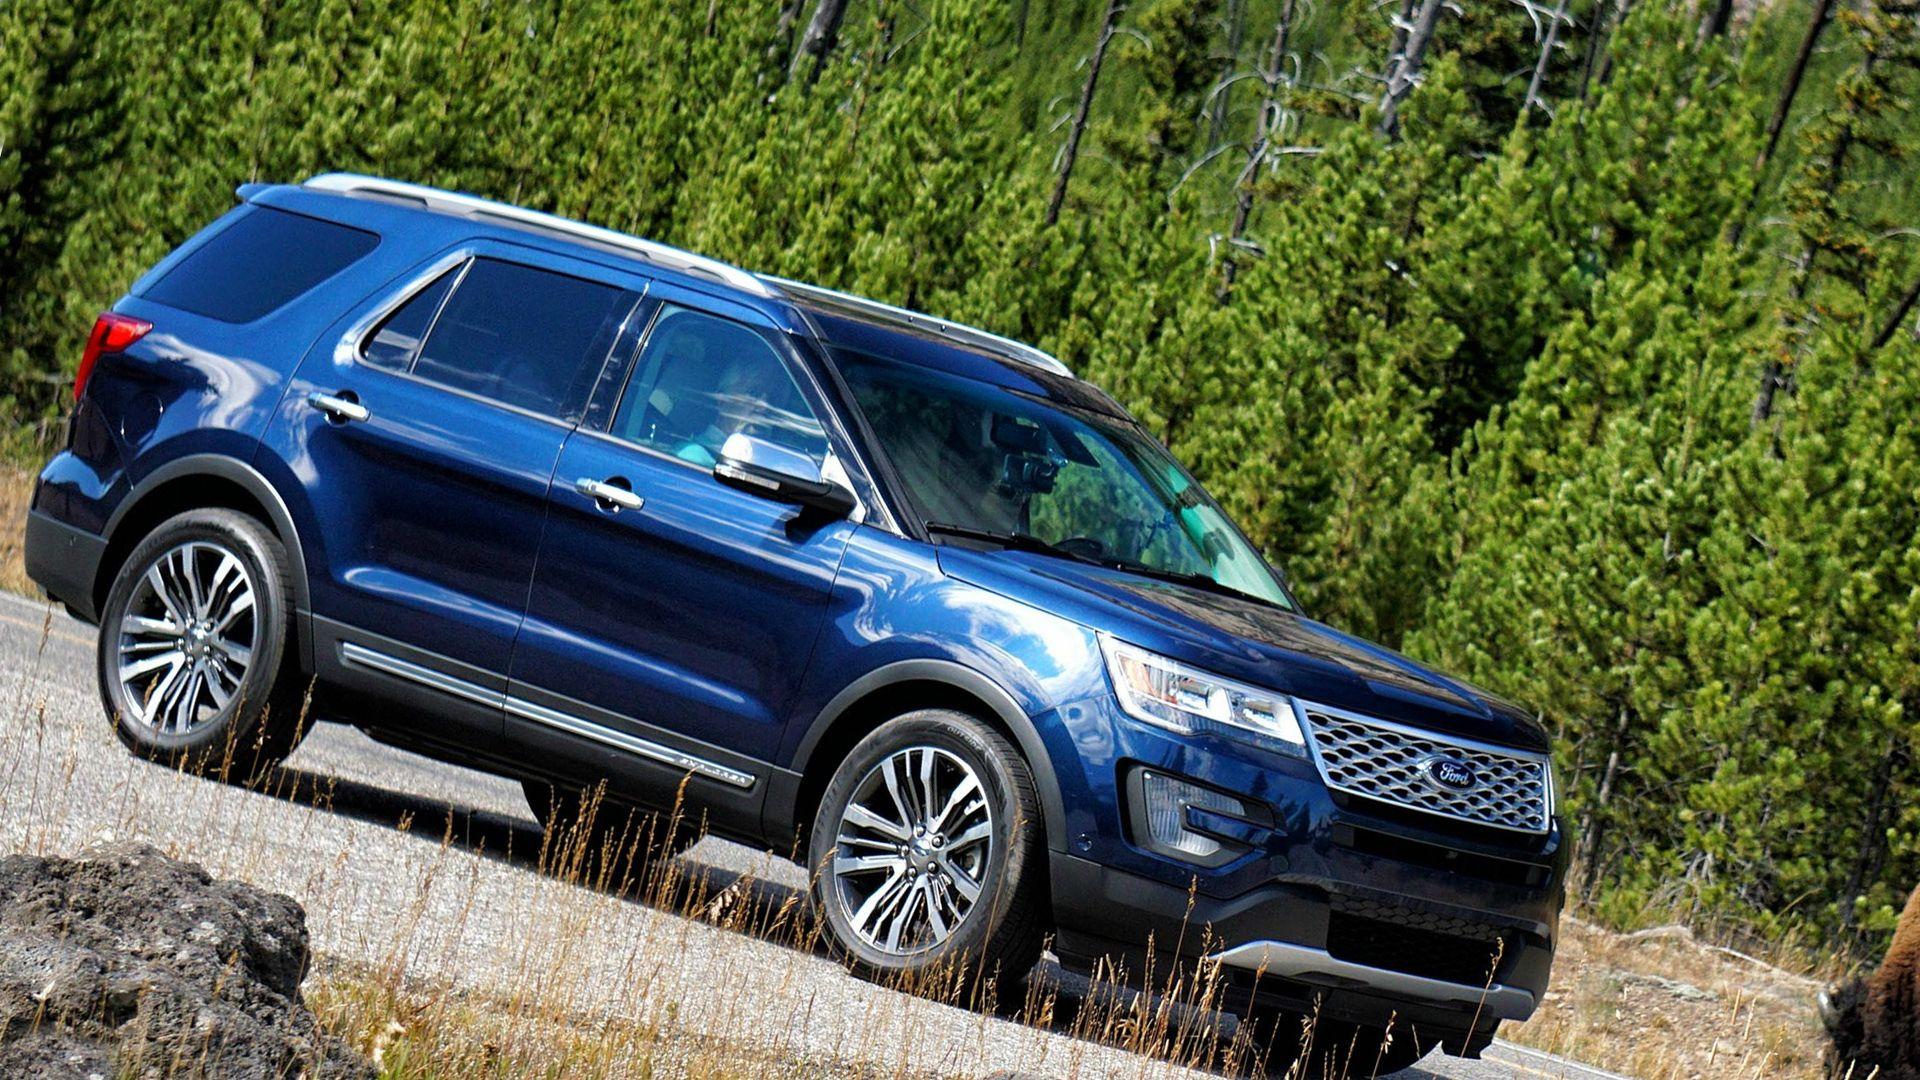 2019 Ford Explorer Offroad 2019 Ford Explorer Ford Explorer Reviews Ford Explorer